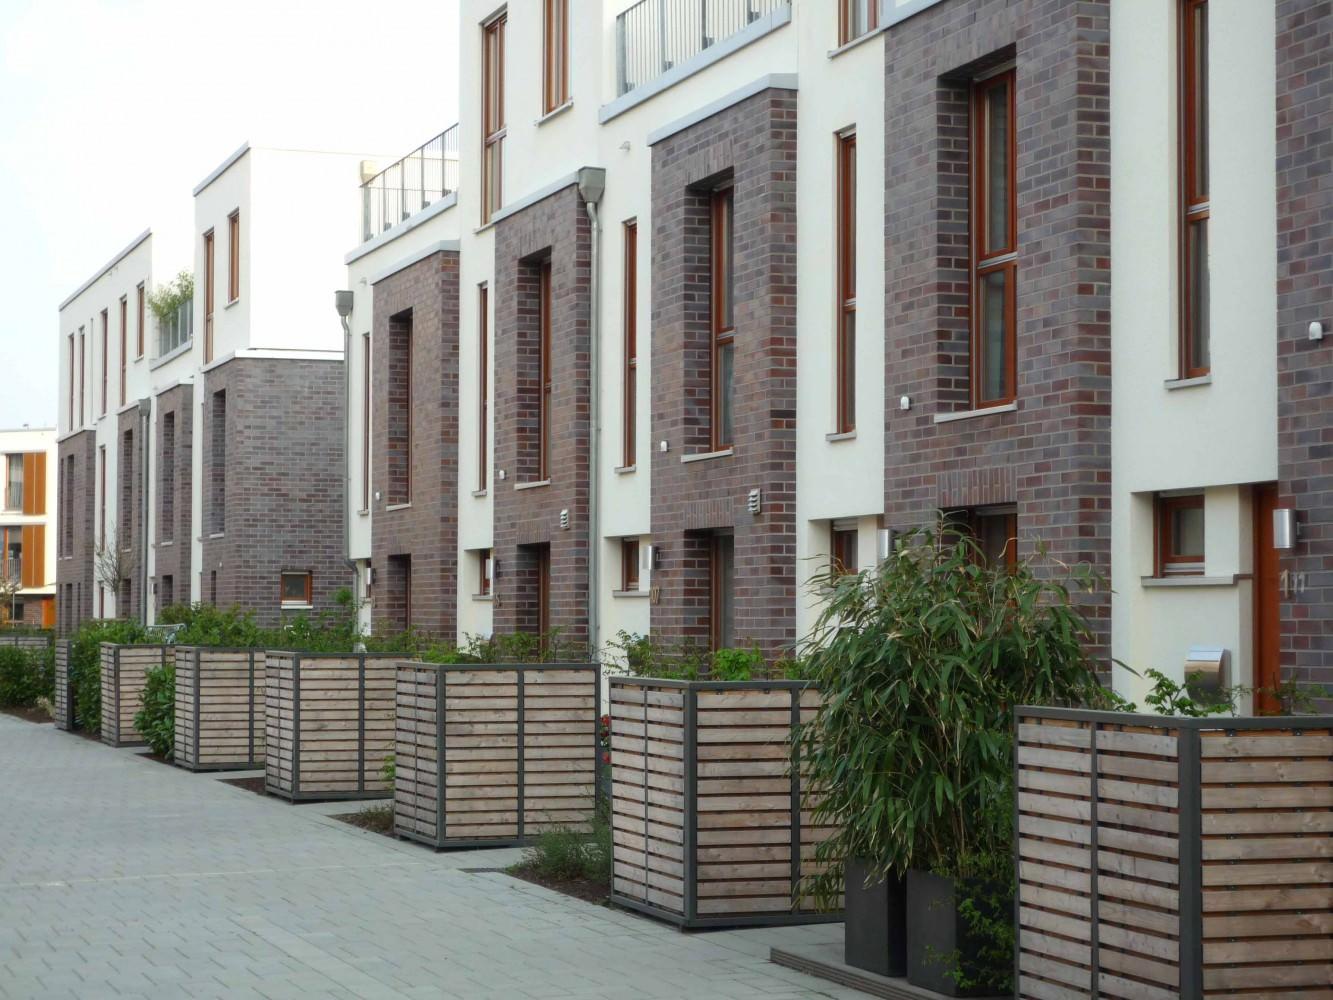 Architekten Düsseldorf pbs architekten